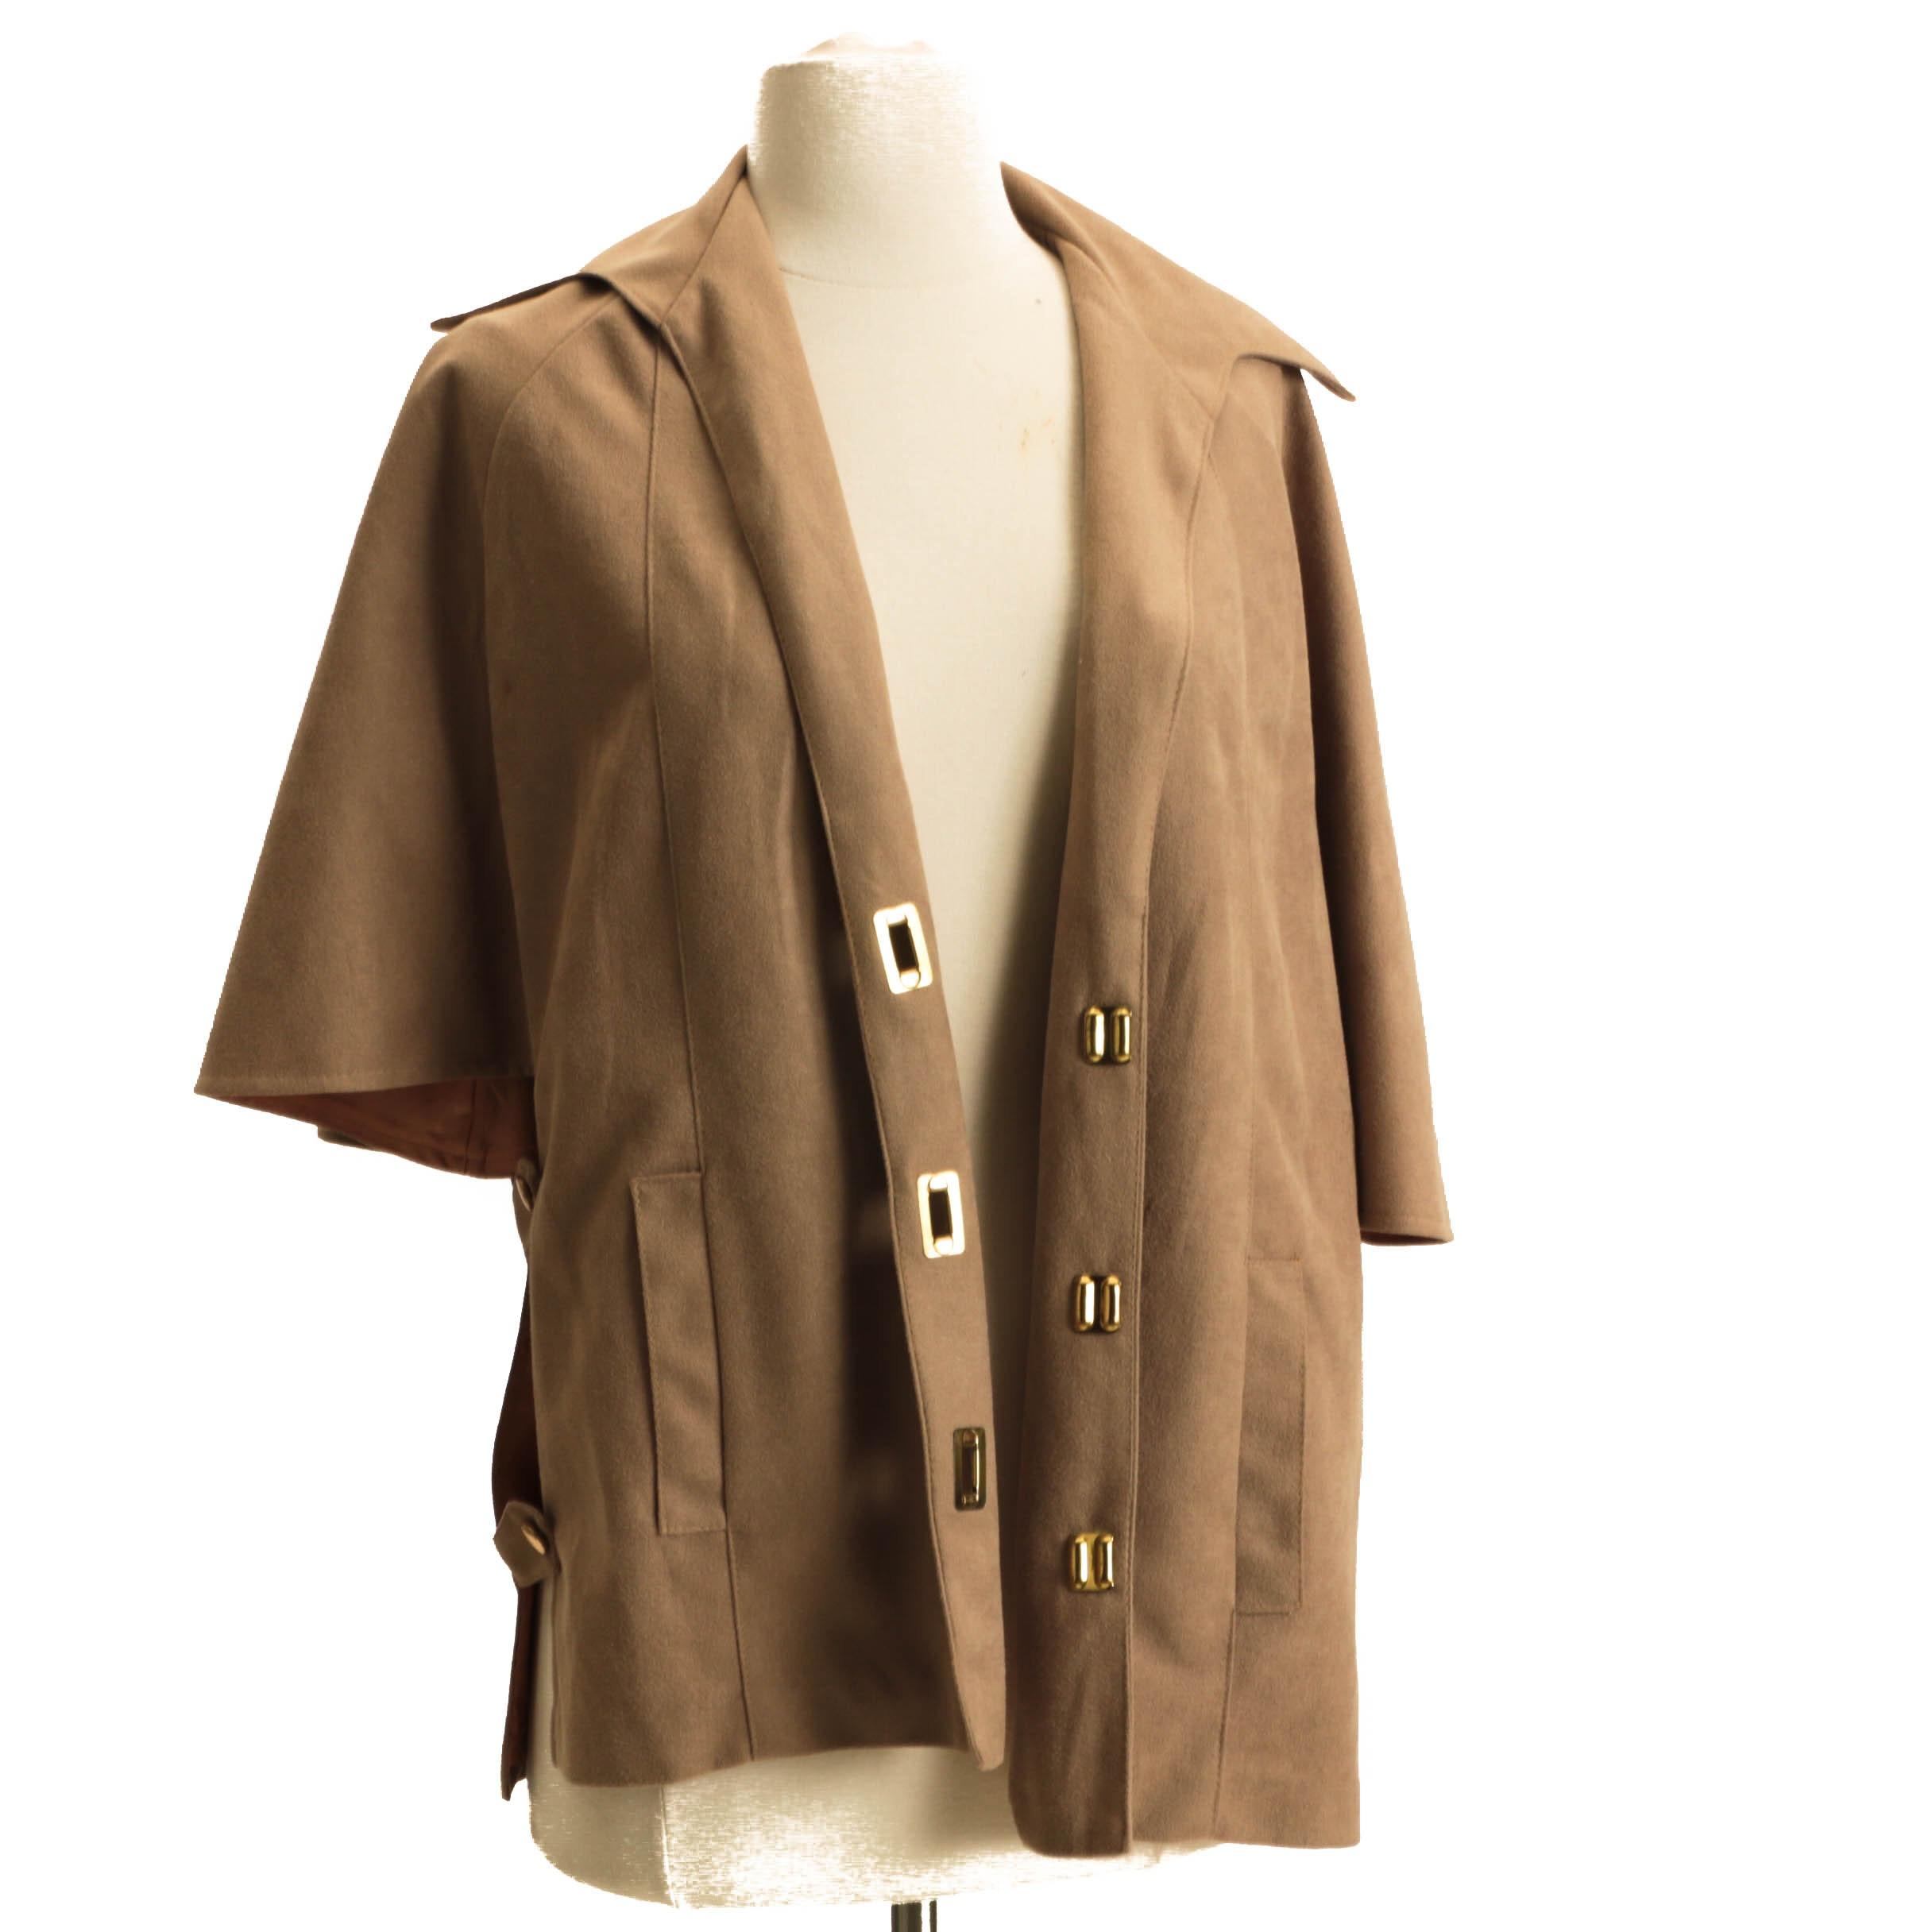 1970s Vintage Jacket